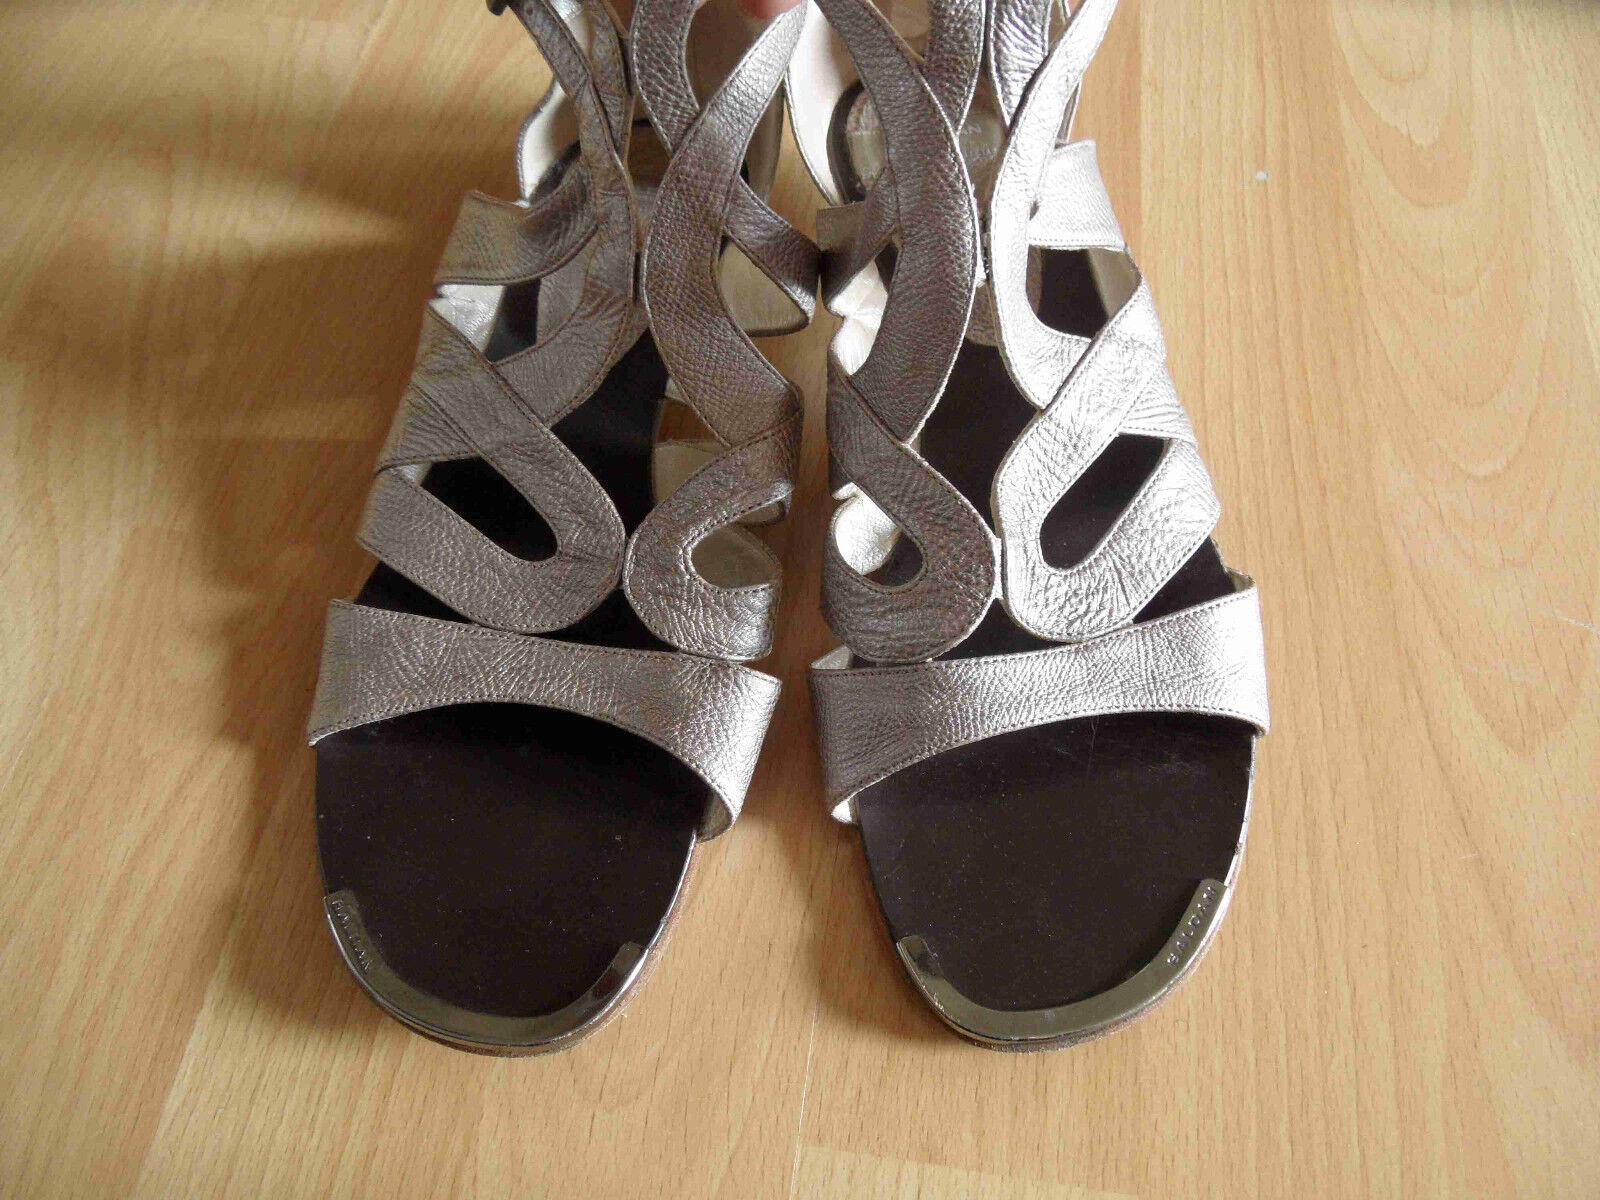 BALDAN Italy Italy Italy Haute  s Romains  s Taupe metallic Taille 40/41top 615 73d715